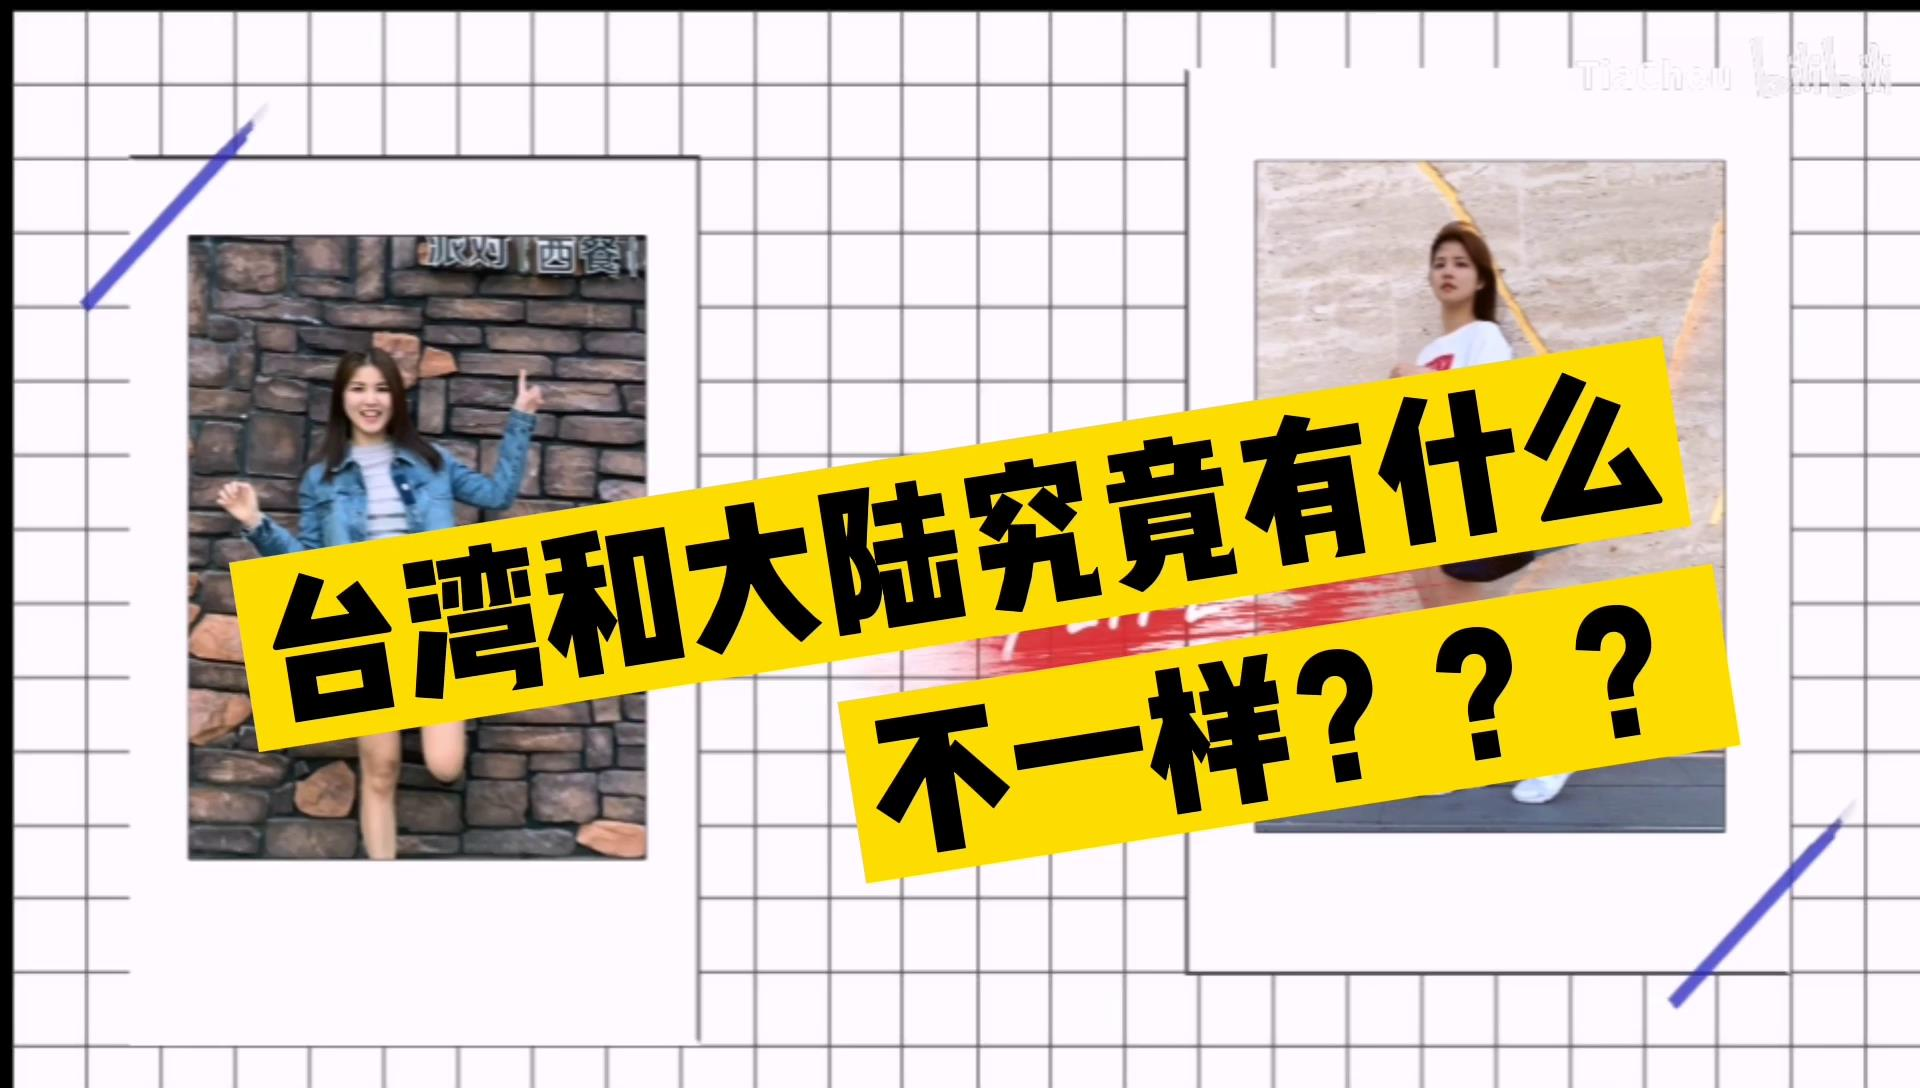 臺灣和大陸有哪些用語不同?讓生活在大陸的臺灣小姐姐告訴你!圖片